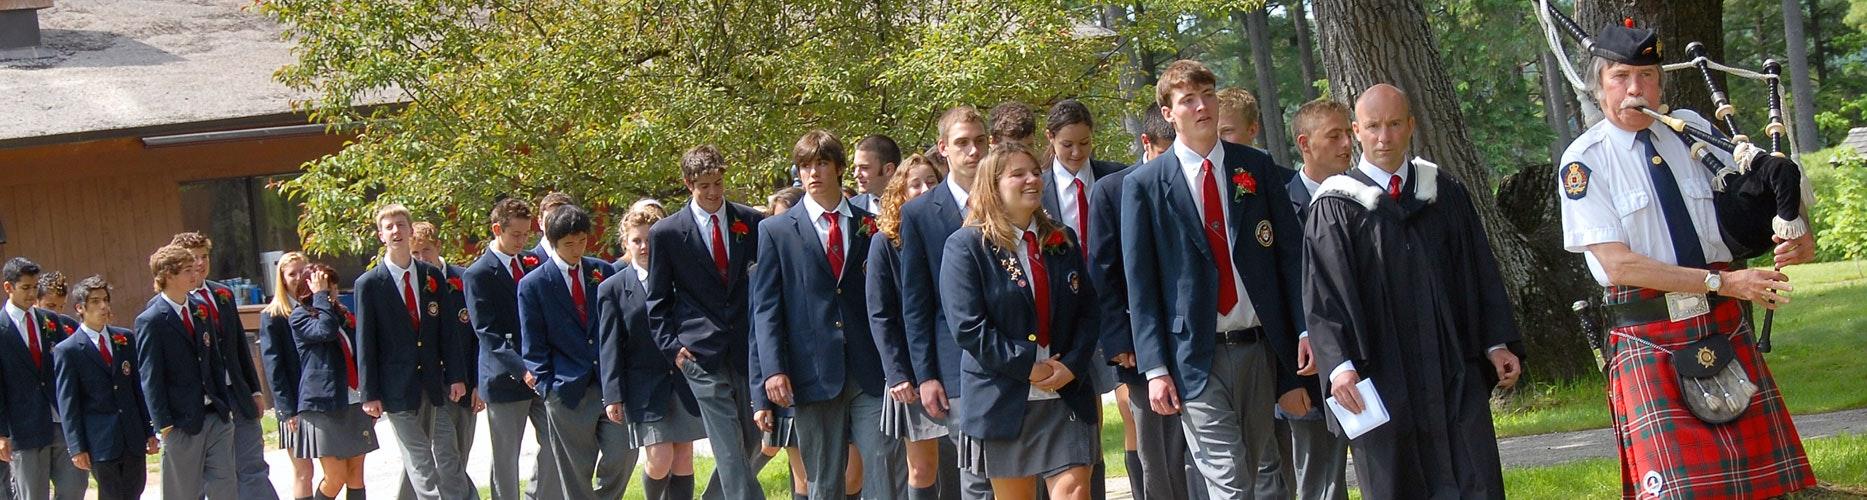 Schüleraustausch-Privatschulen-Internate-Kanada